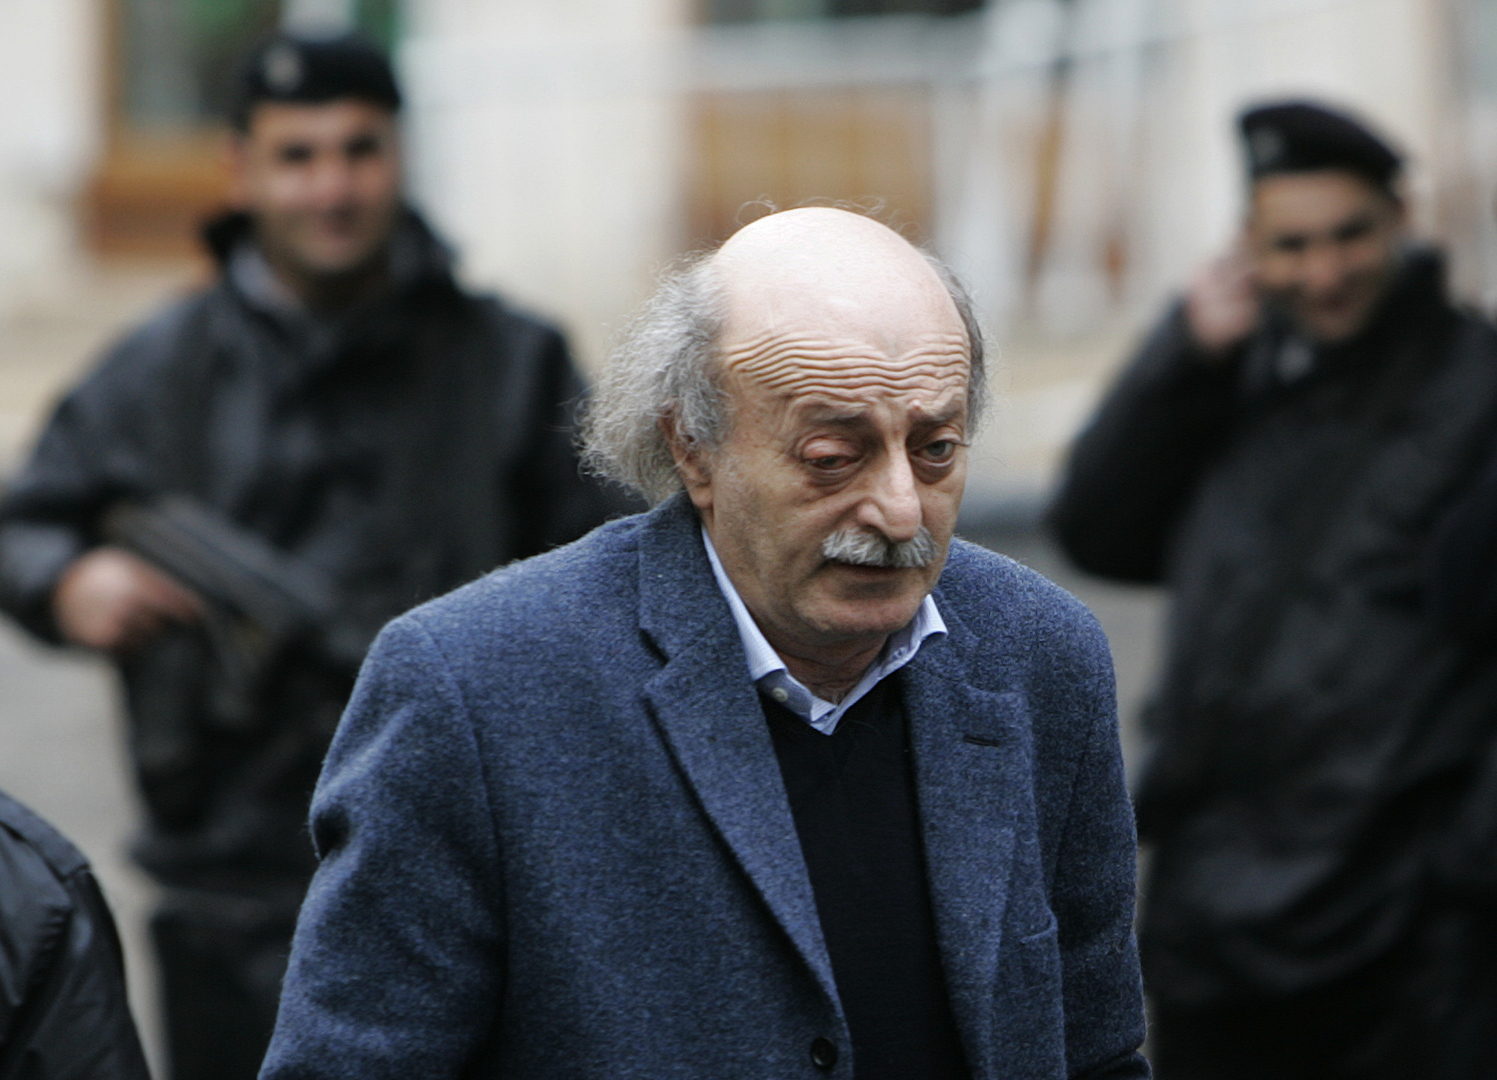 صحيفة الأخبار: وليد جنبلاط تدخل للإفراج عن موقوف سوري على صلة بعميل إسرائيلي